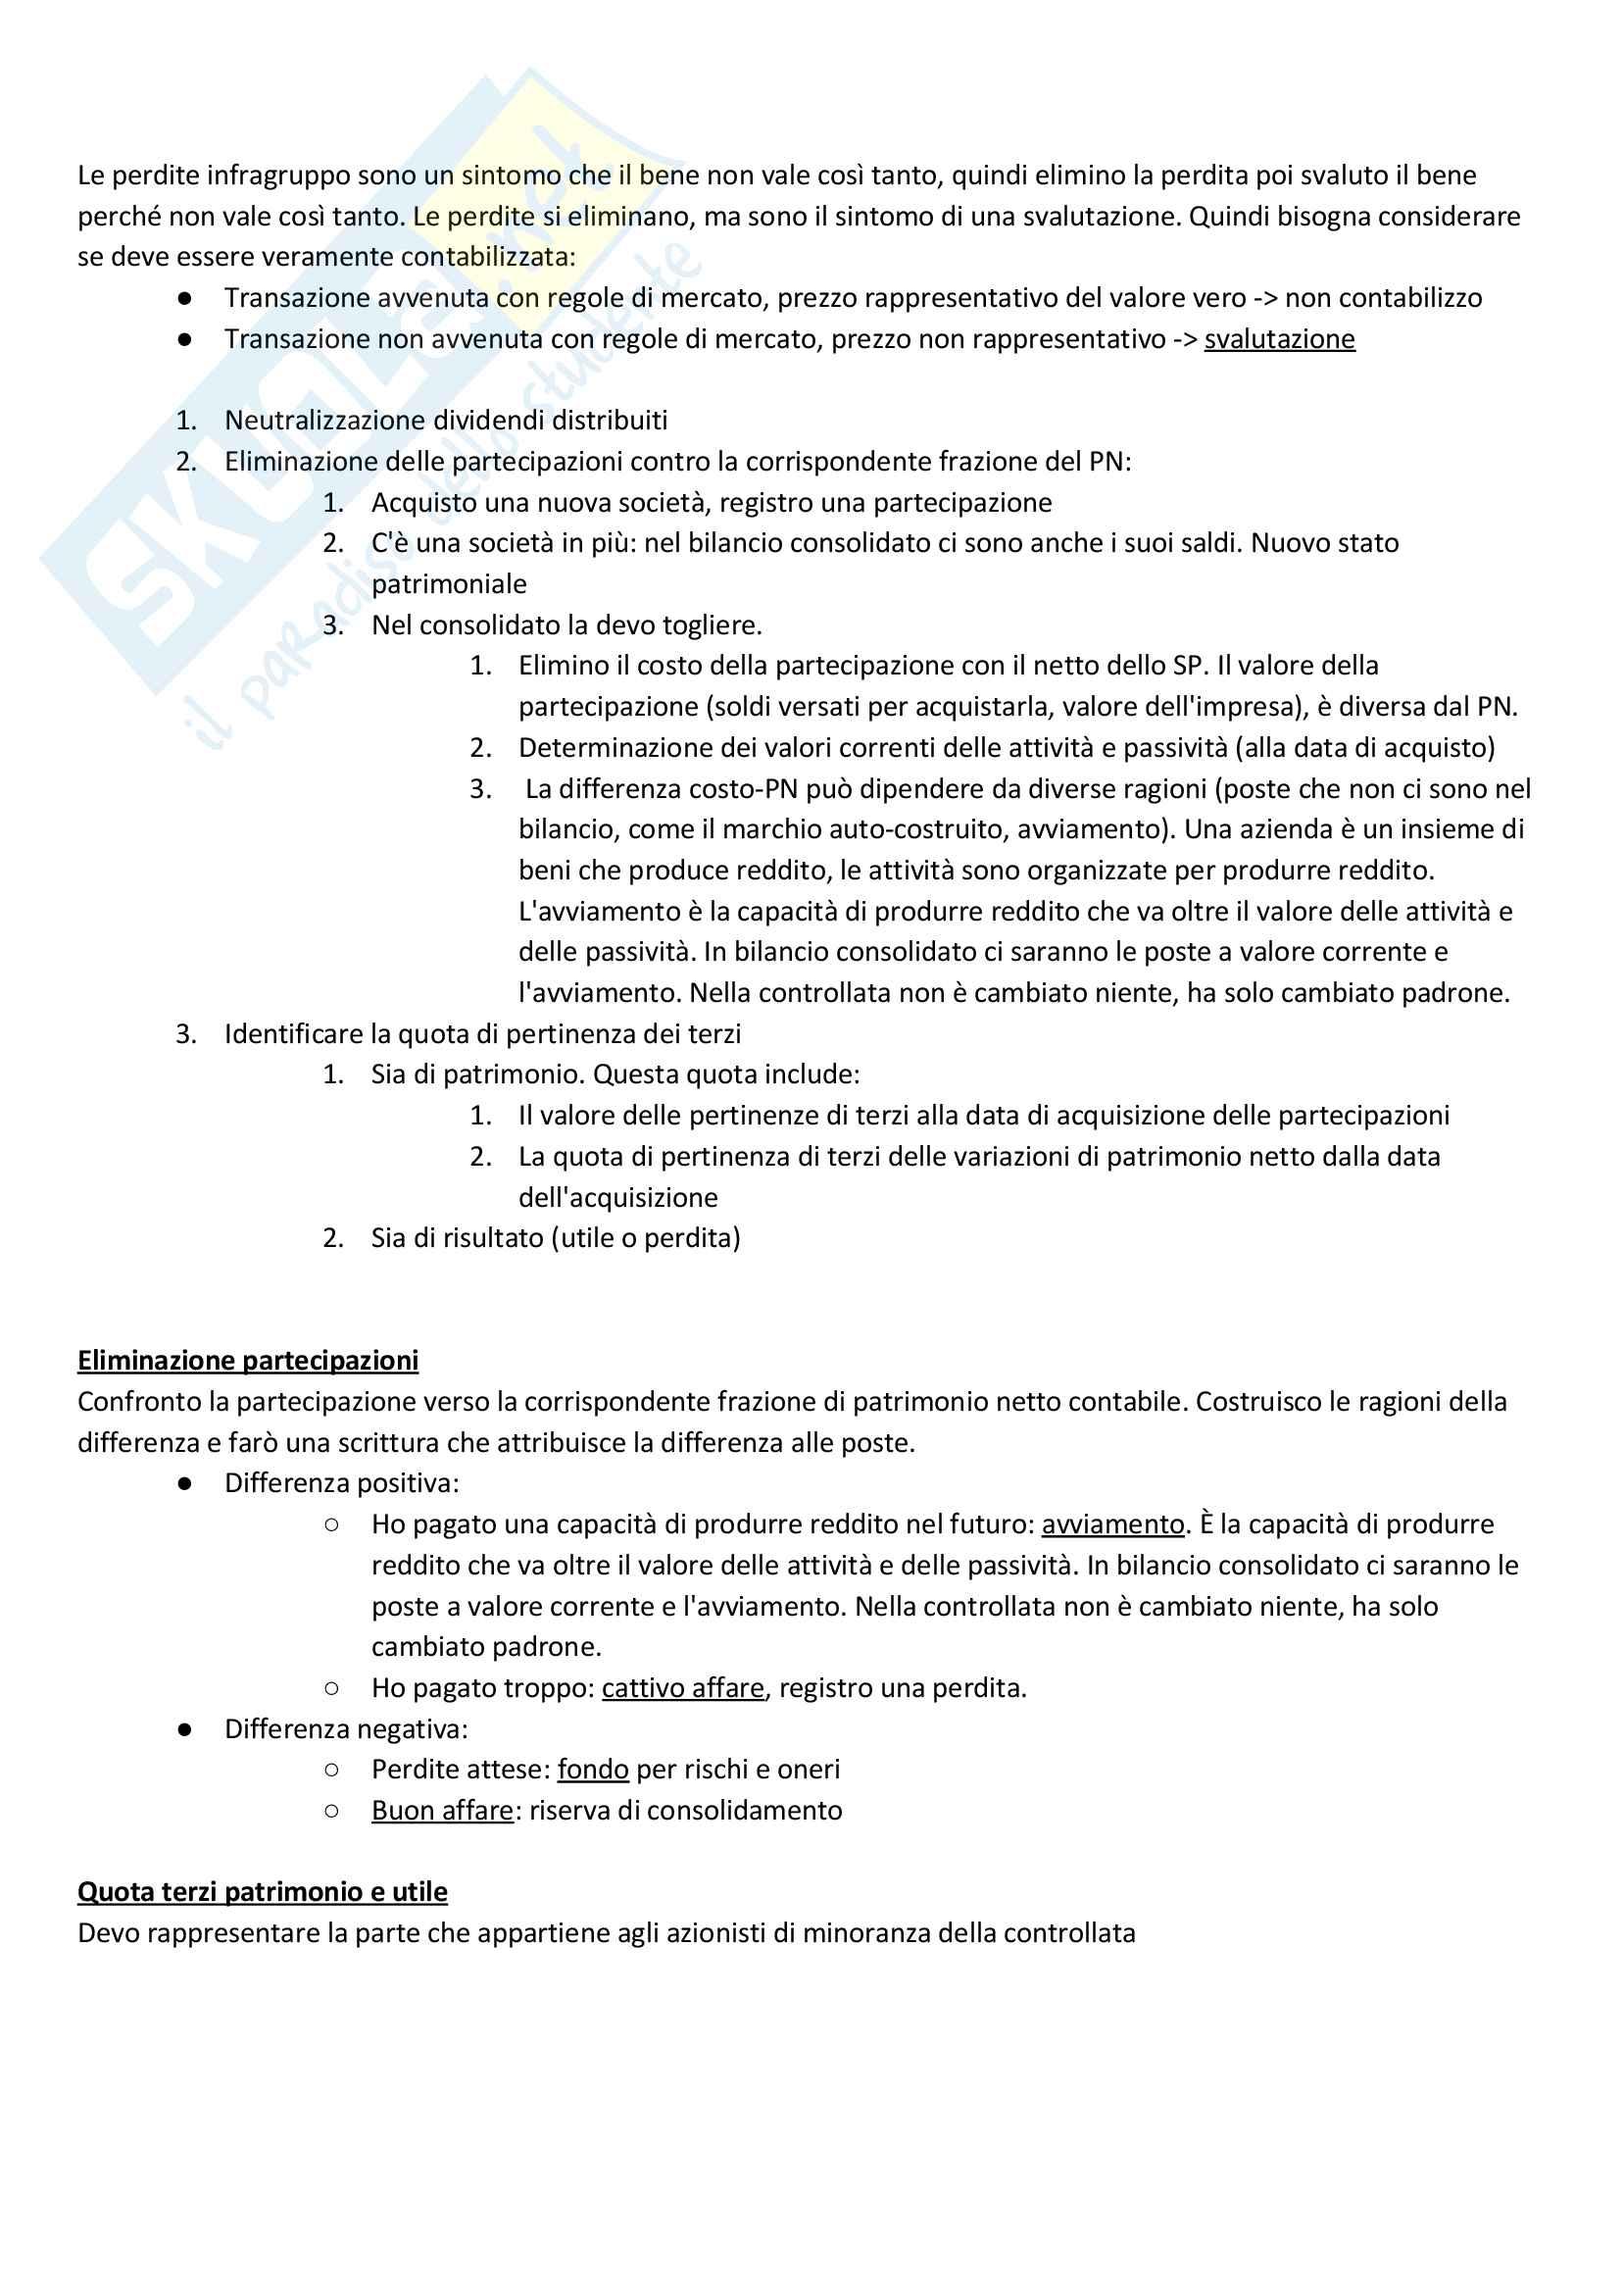 Apppunti di Metodologie 2 (bilancio consolidato e analisi di bilancio) + temi d'esame svolti Pag. 6